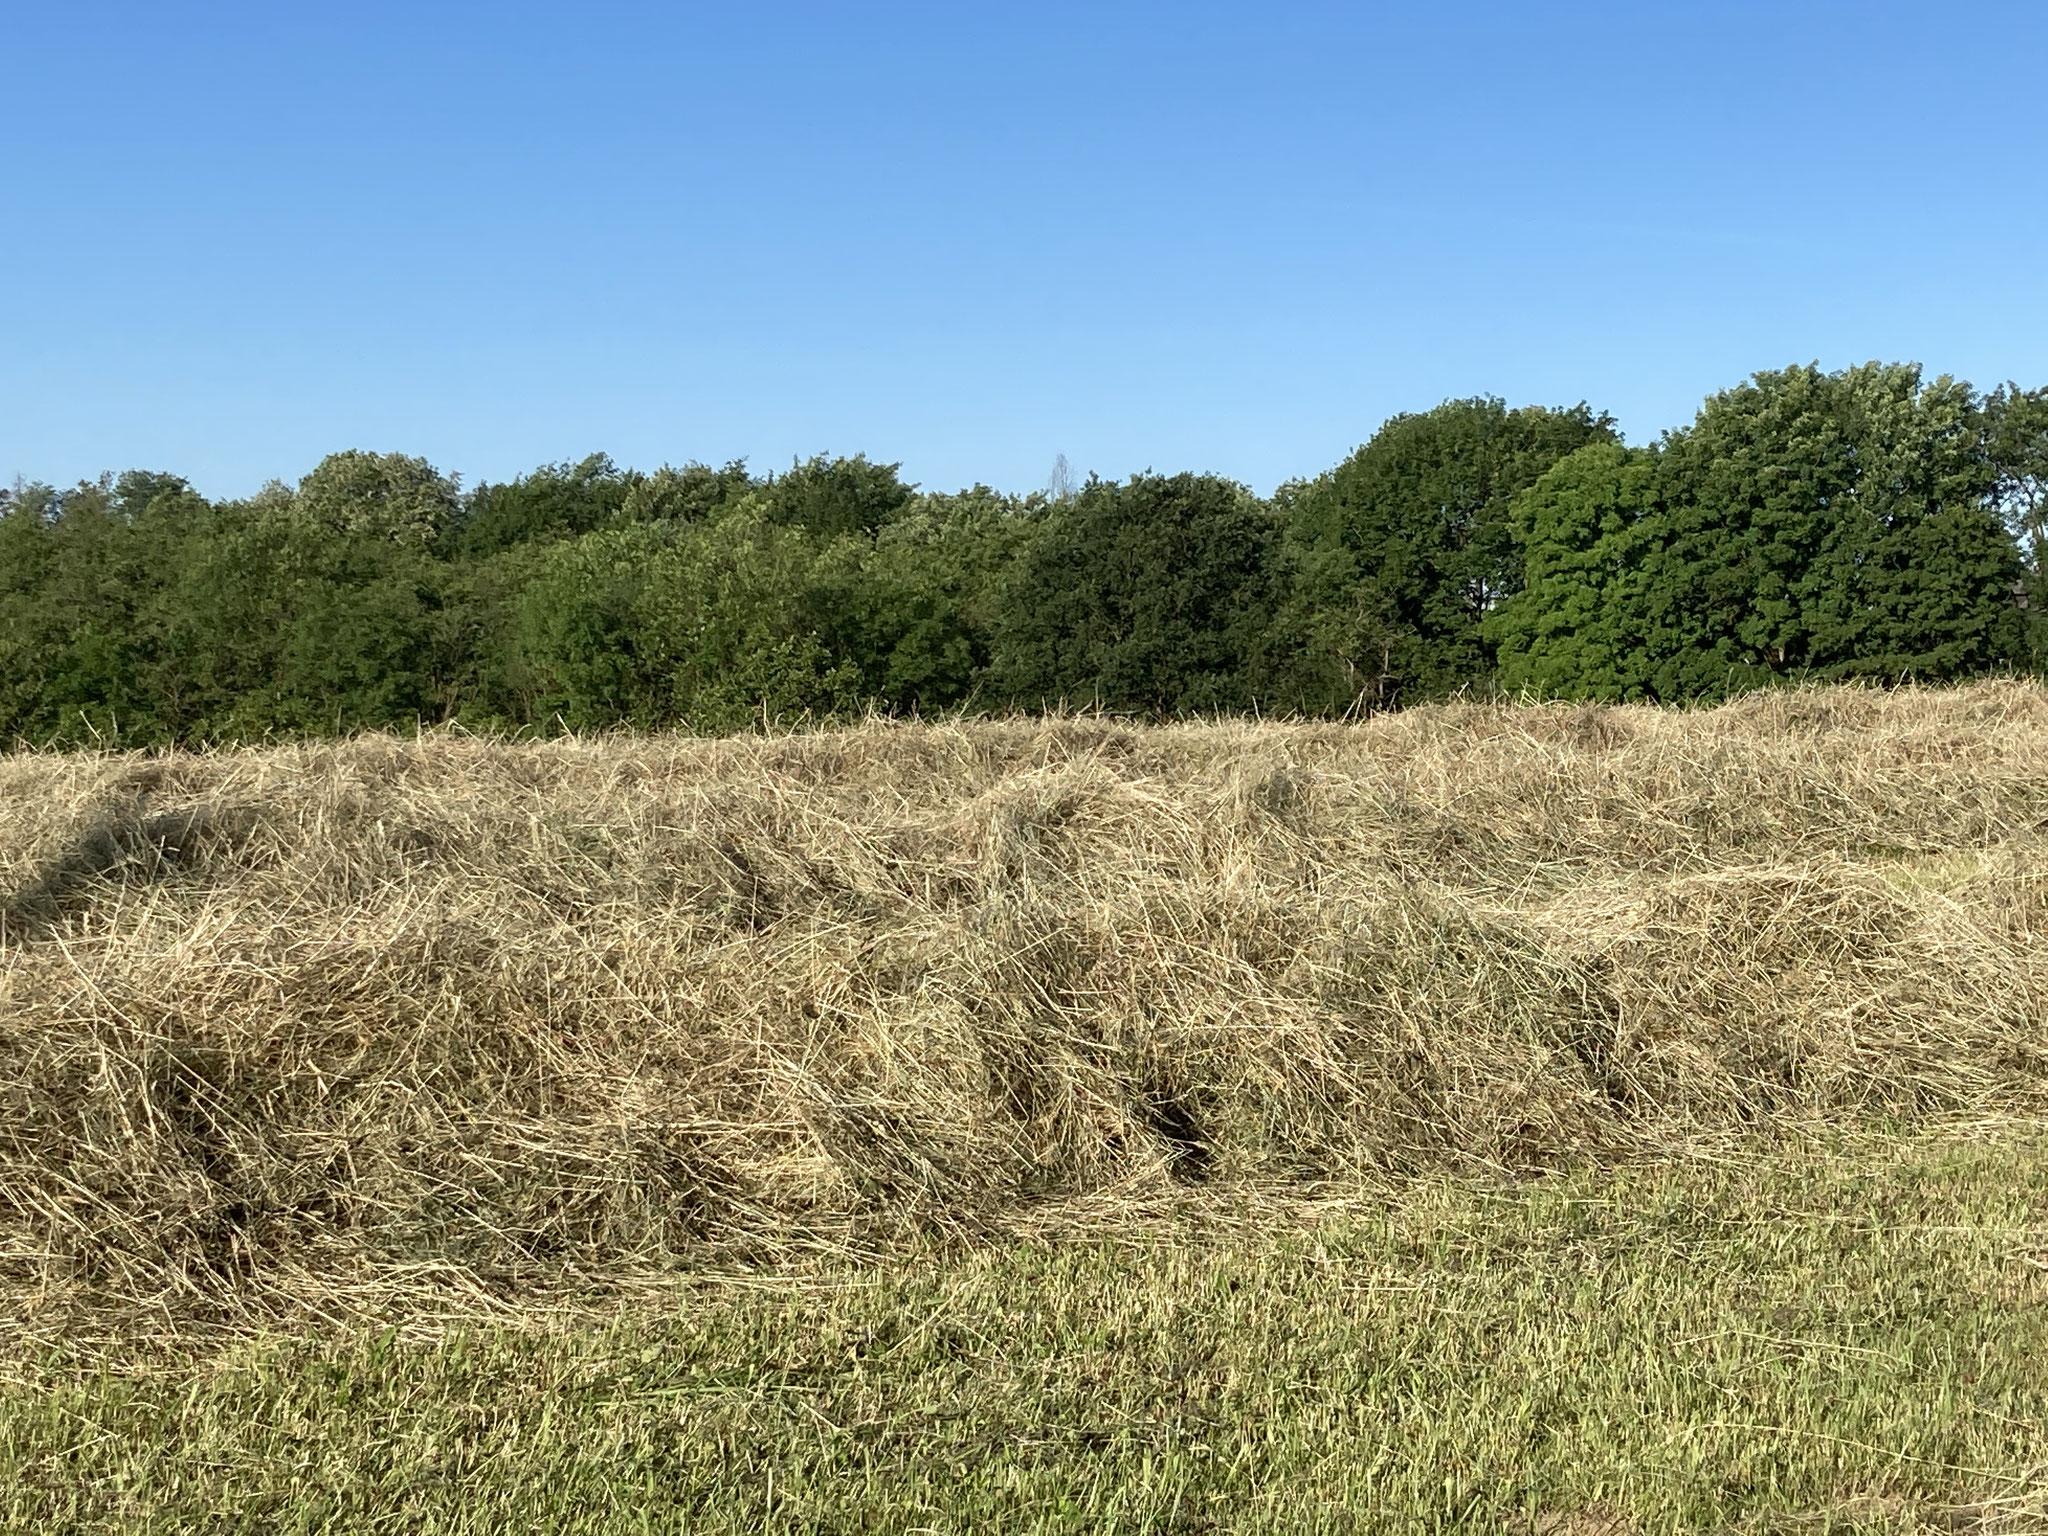 So hoch kann er Schwad sein, wenn das Gras gut gewachsen war. Und hier wartet es darauf, mit der Ballenpresse zusammengepresst zu werden.